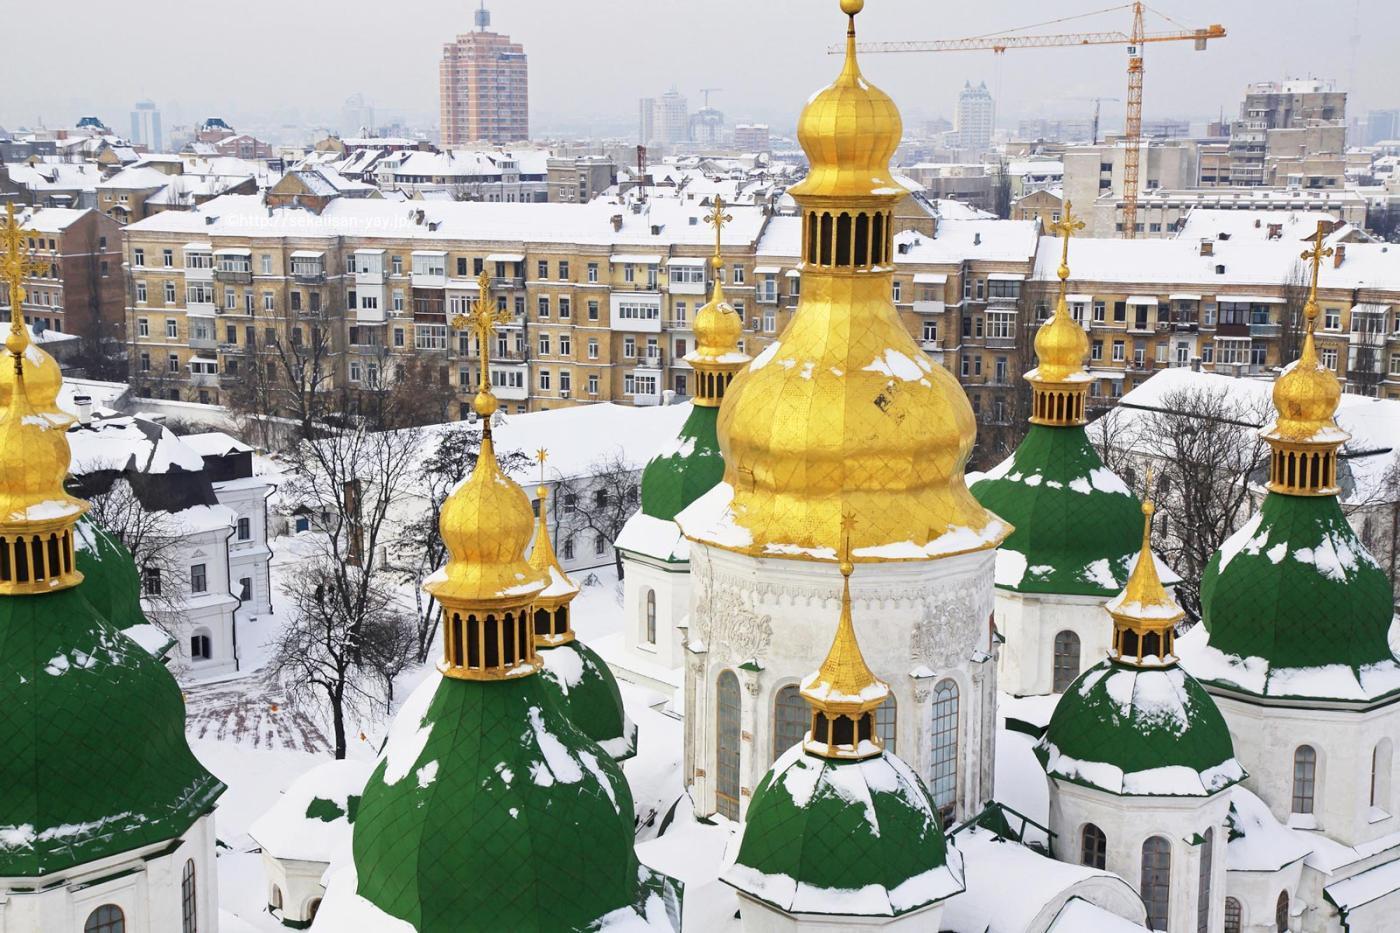 NHKラジオ第1マイあさ!1月はウクライナの世界遺産「聖ソフィア大聖堂」をご紹介